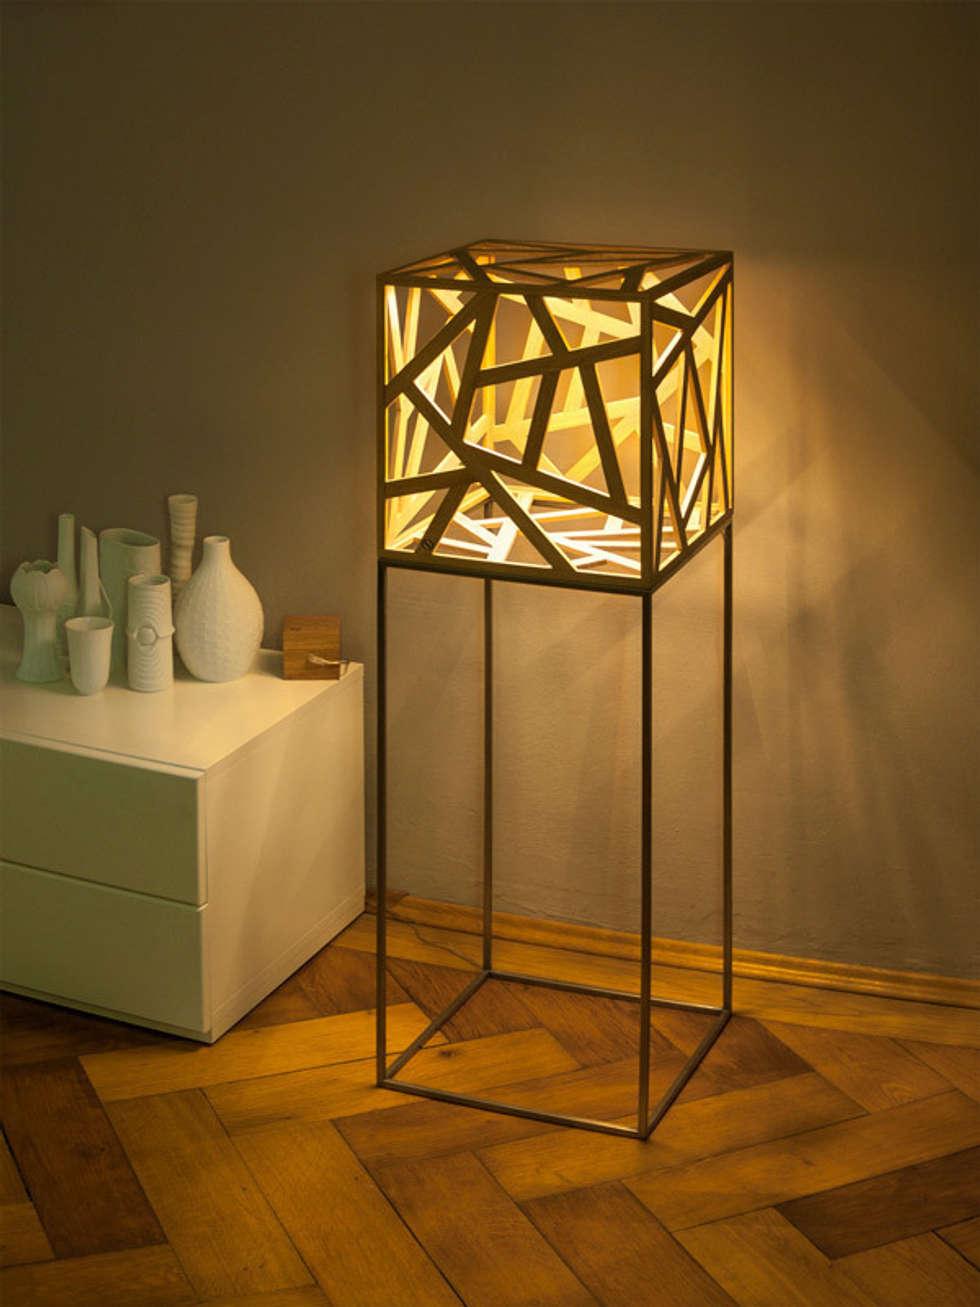 Leuchtobjekt kubus aus massivholz led moderne wohnzimmer von leuchtmanufaktur otto sprencz ·